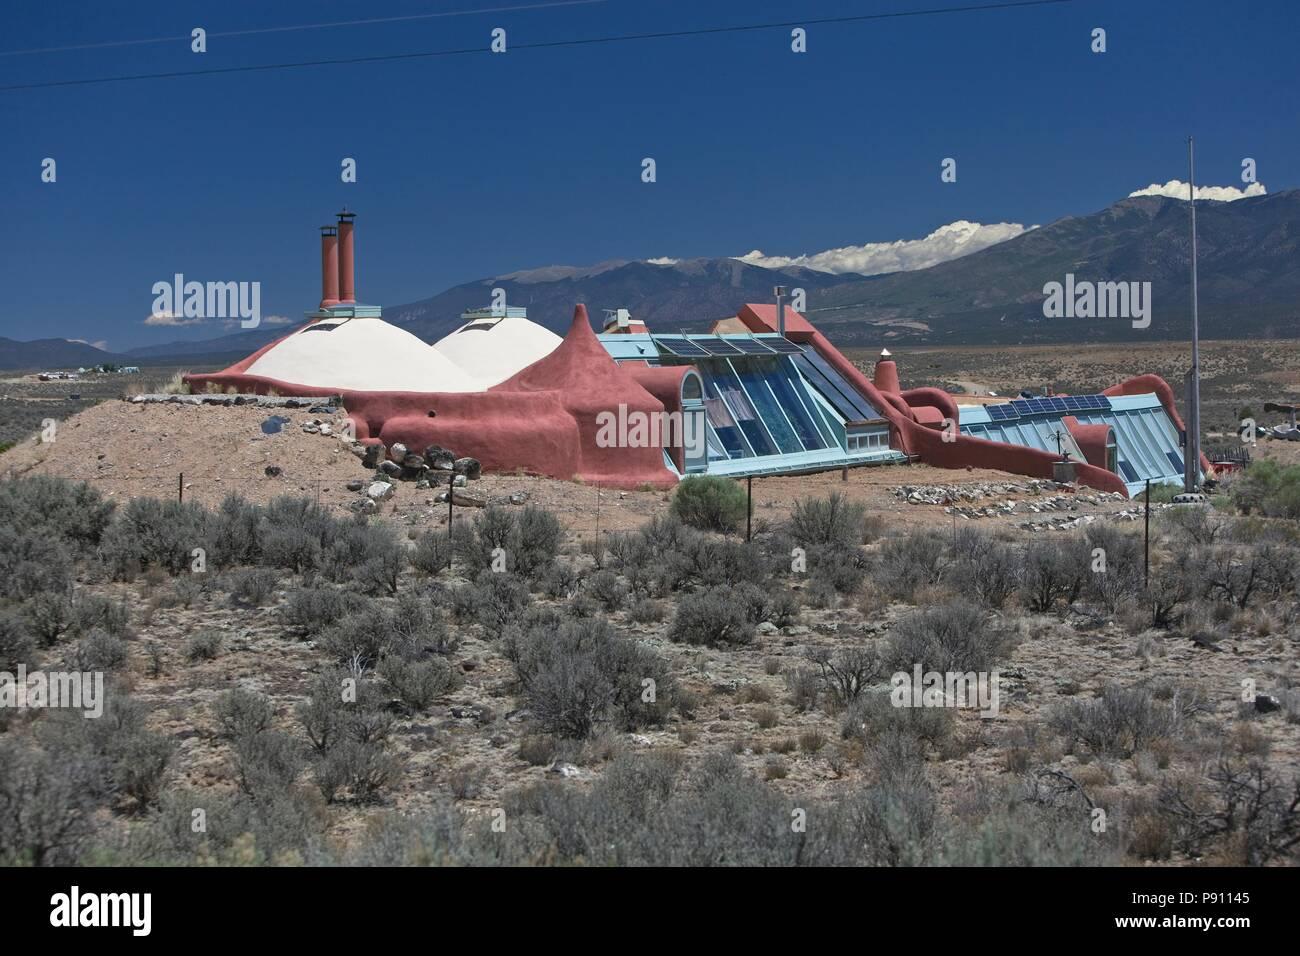 Innovador y mantener viviendas earthship localizado en las afueras de Taos de Nuevo México. Las viviendas utilizan materiales reciclados y materiales sostenibles y confiar en el p Foto de stock